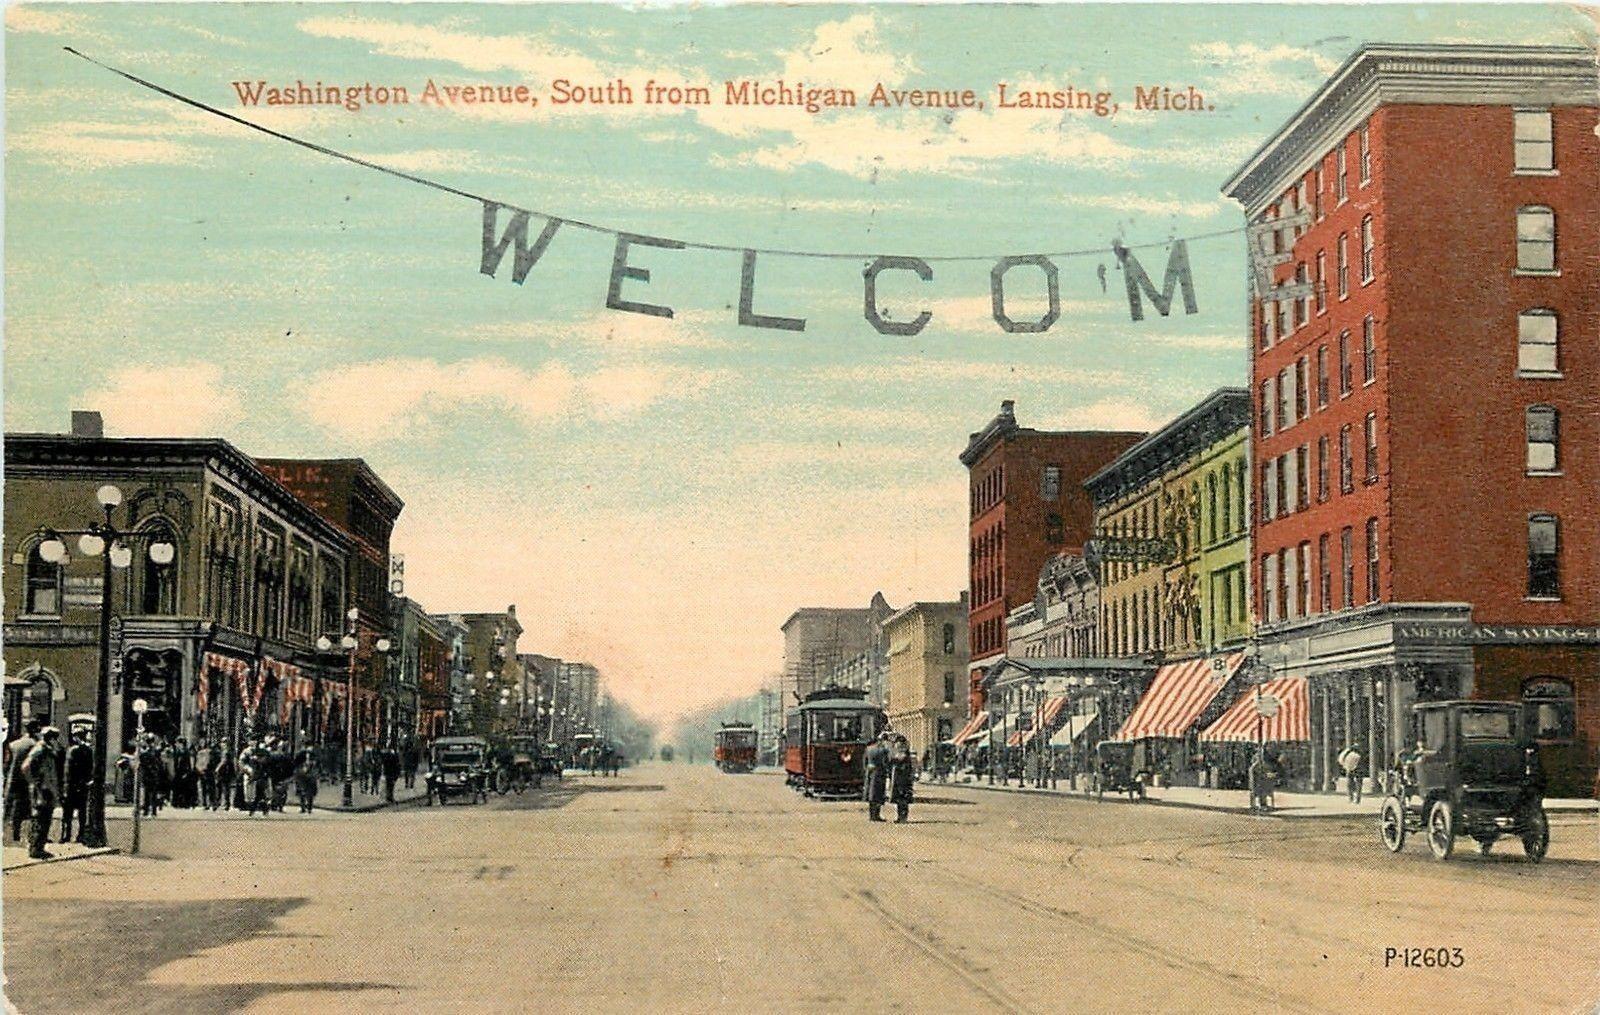 Lansing Mi Welcome Banner Trolleys American Savings Banks 1915 Postcard Hippostcard